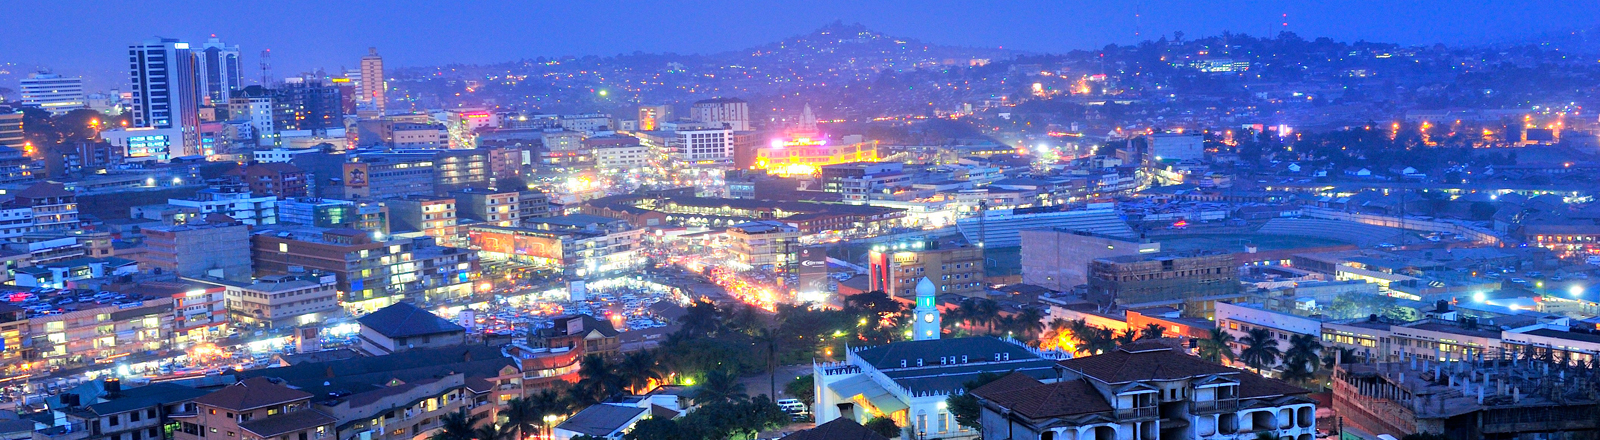 Kampala ist Haupstadt und größte Stadt Ugandas. Überall werden neue, moderne Gebäude gebaut. Kampala ist eine von Afrikas am schnellsten wachsenden Städten.